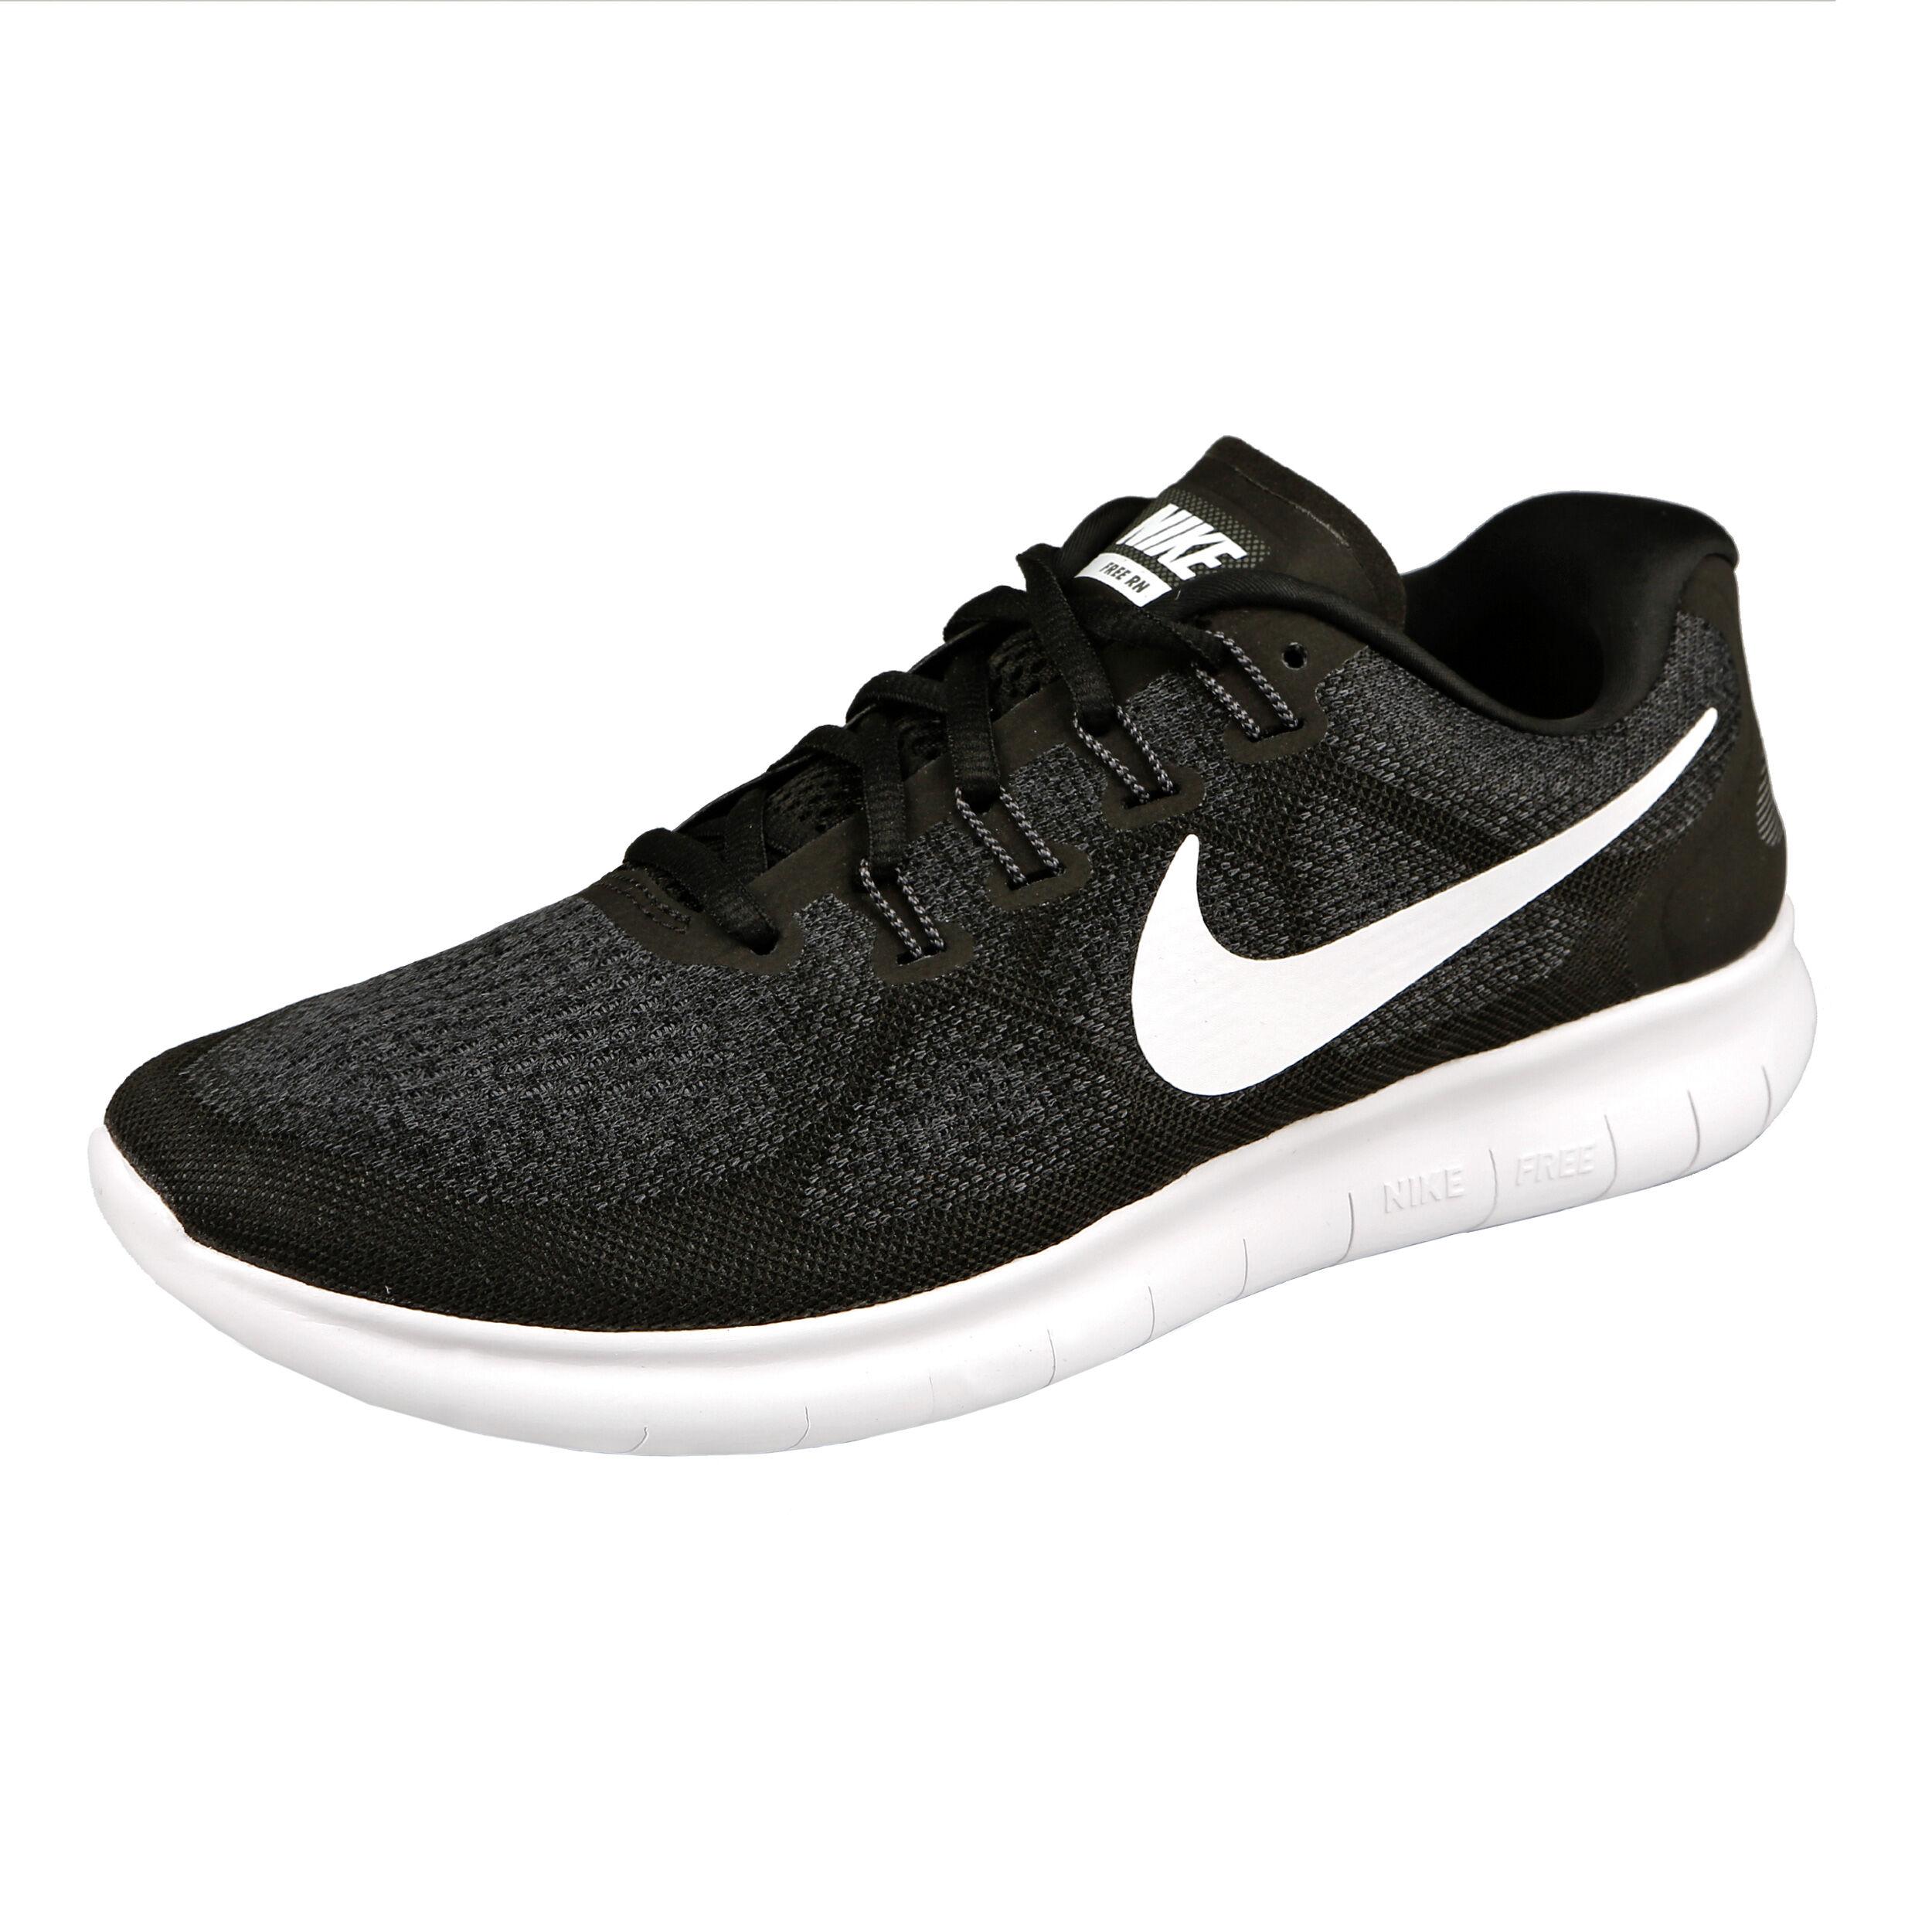 Nike Free 2017 Fitnessschuh Damen Schwarz, Weiß